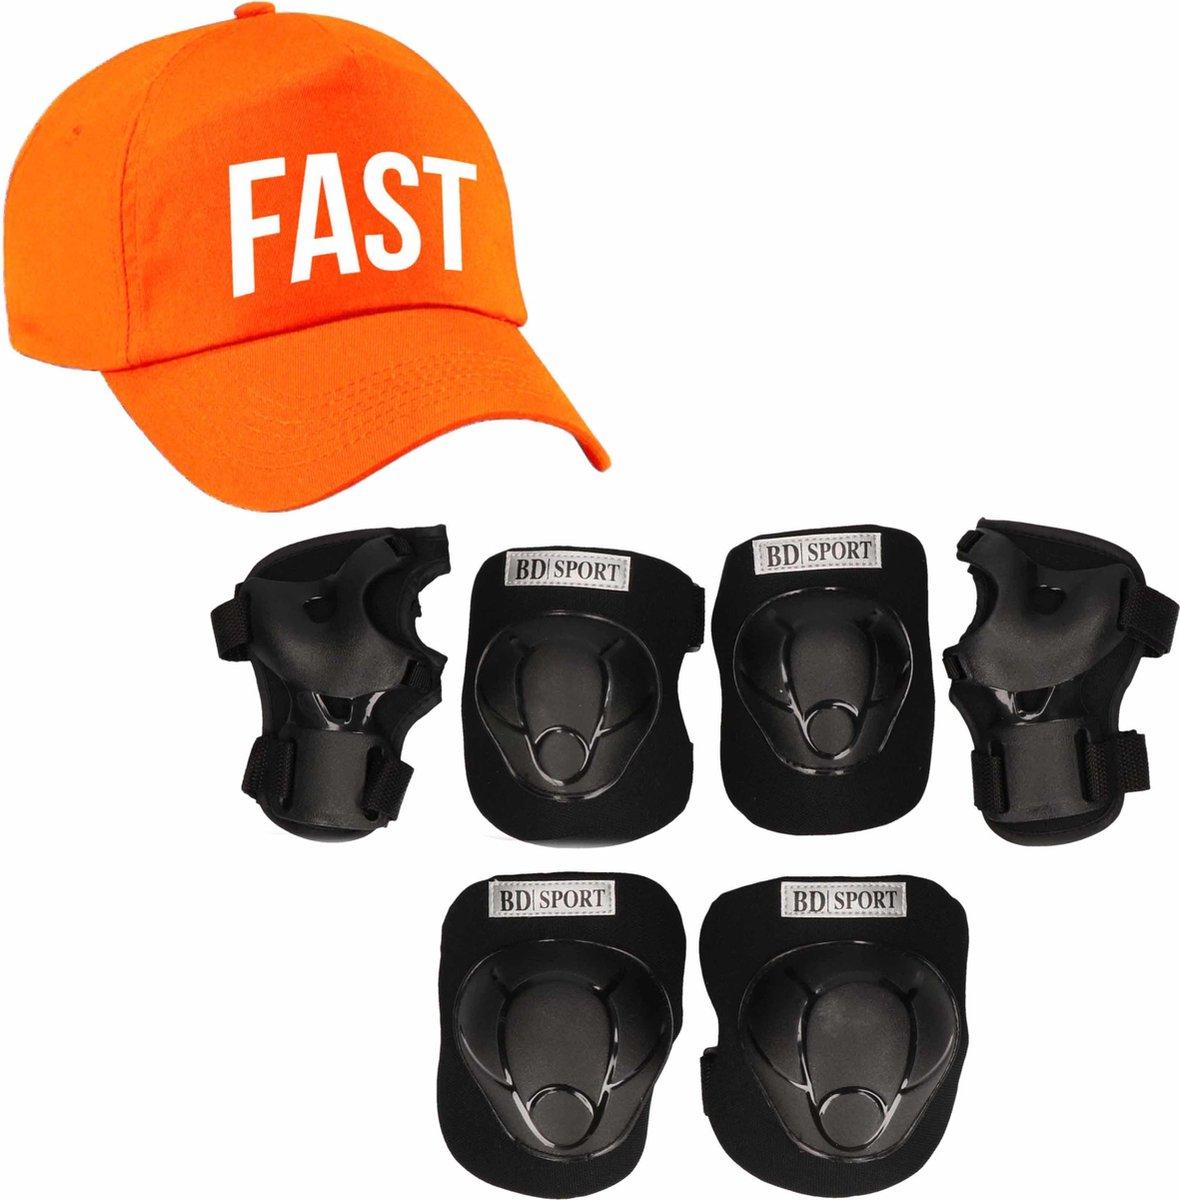 Set van valbescherming voor kinderen maat L / 9 tot 10 jaar met een stoere FAST pet oranje